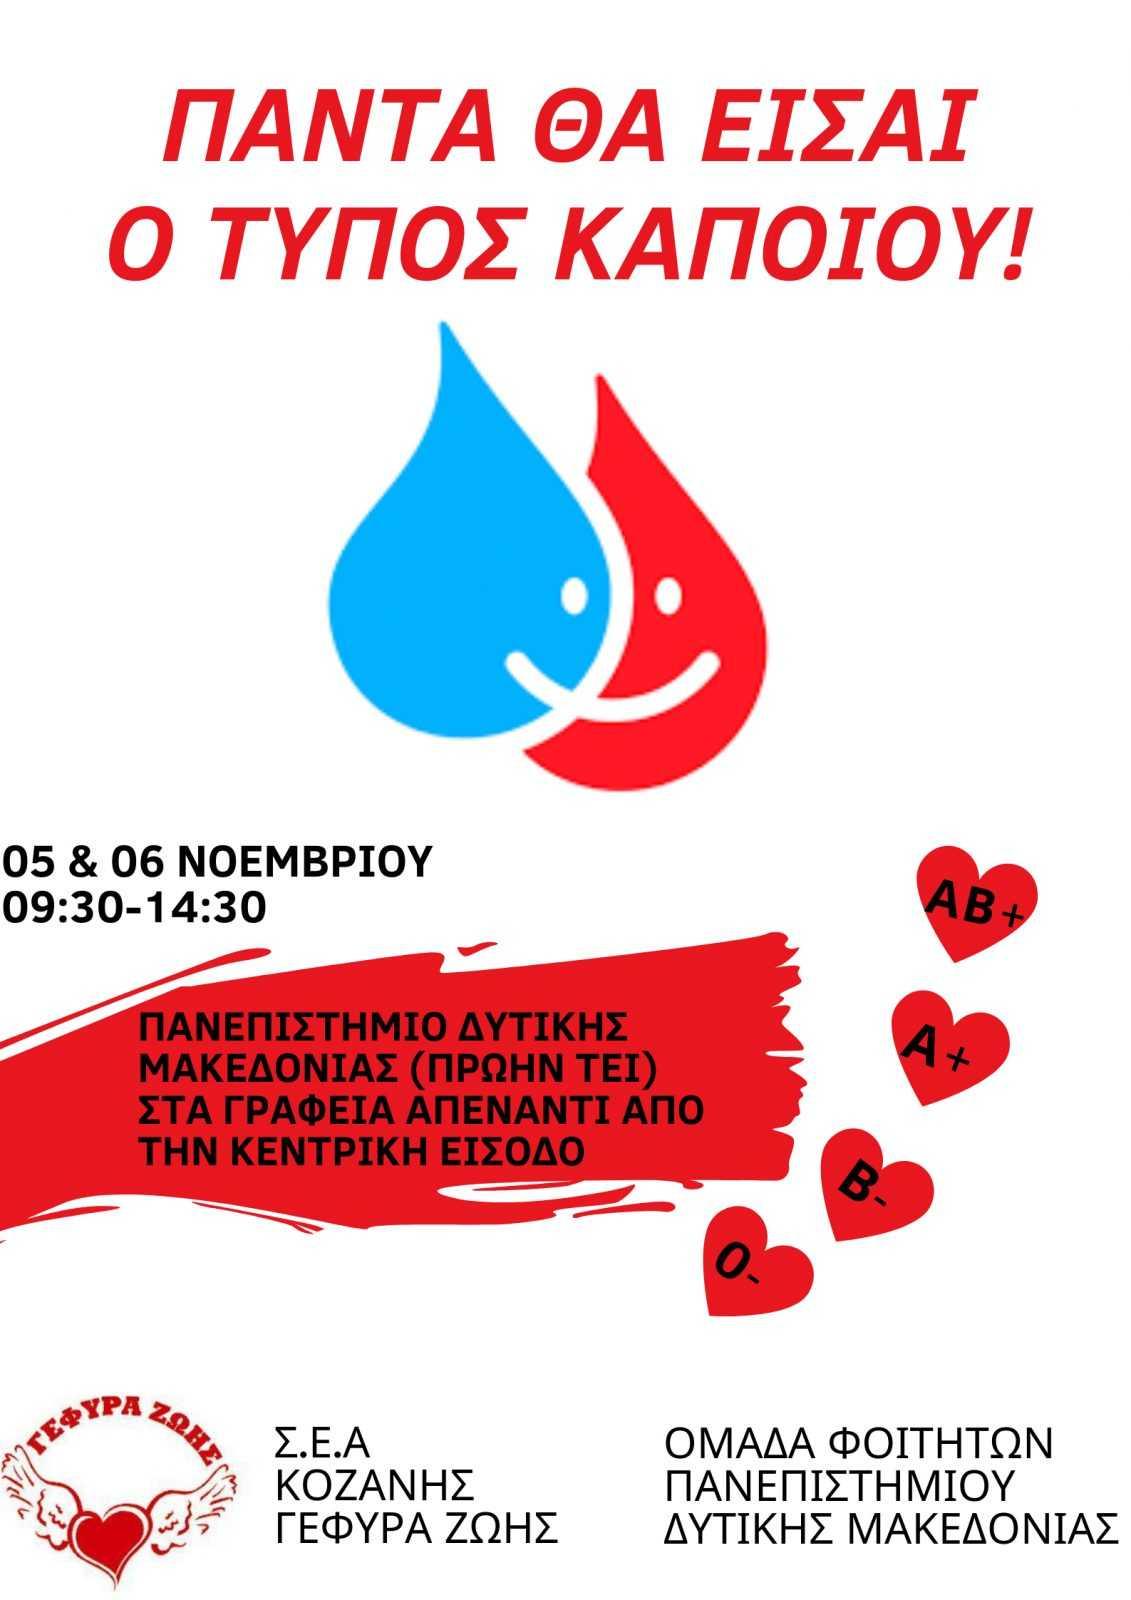 Αιμοδοσία του Πανεπιστημίου Δυτικής Μακεδονίας (πρώην ΤΕΙ) την Τρίτη 5 και Τετάρτη 6 Νοεμβρίου